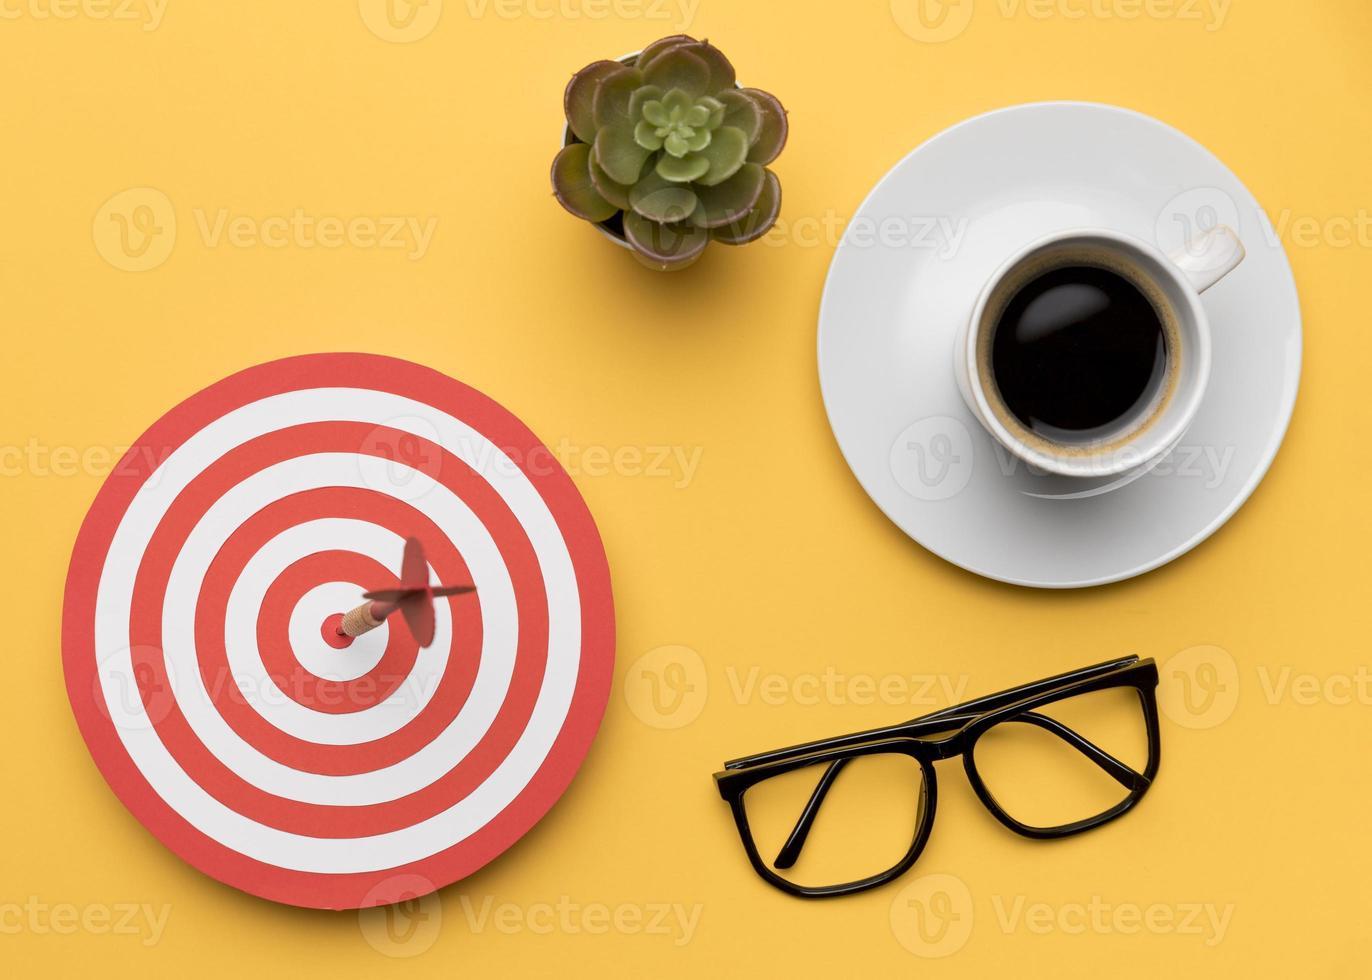 bersaglio, bicchieri e una tazza di caffè foto